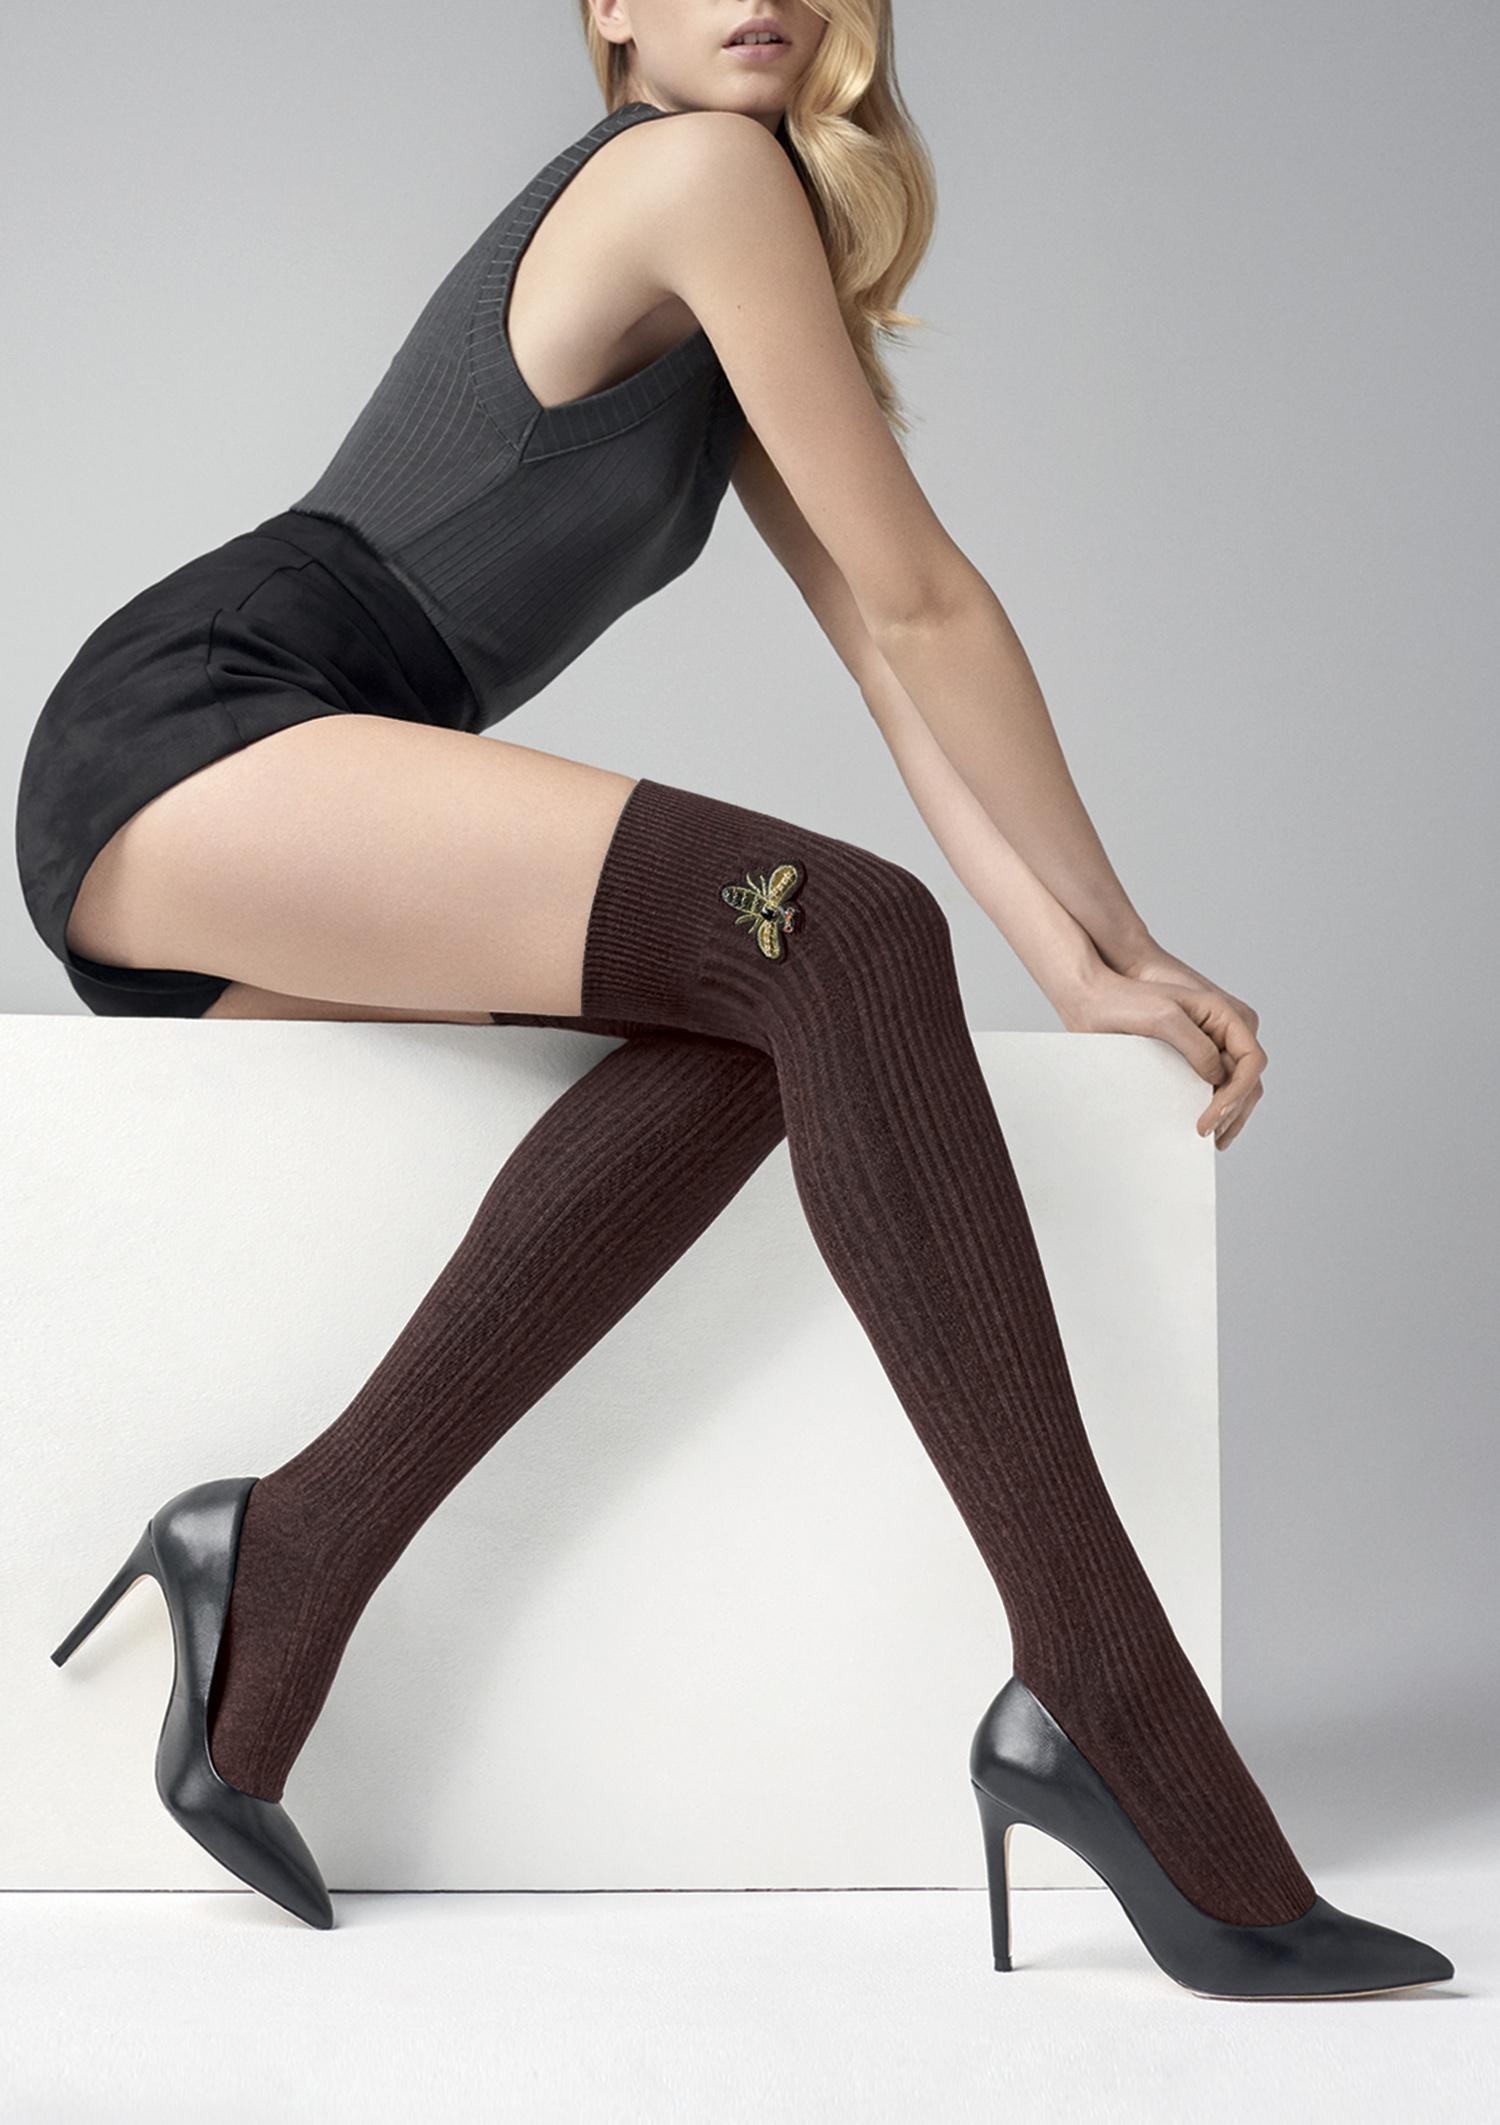 https://golden-legs.com.ua/images/stories/virtuemart/product/img_29459.jpg